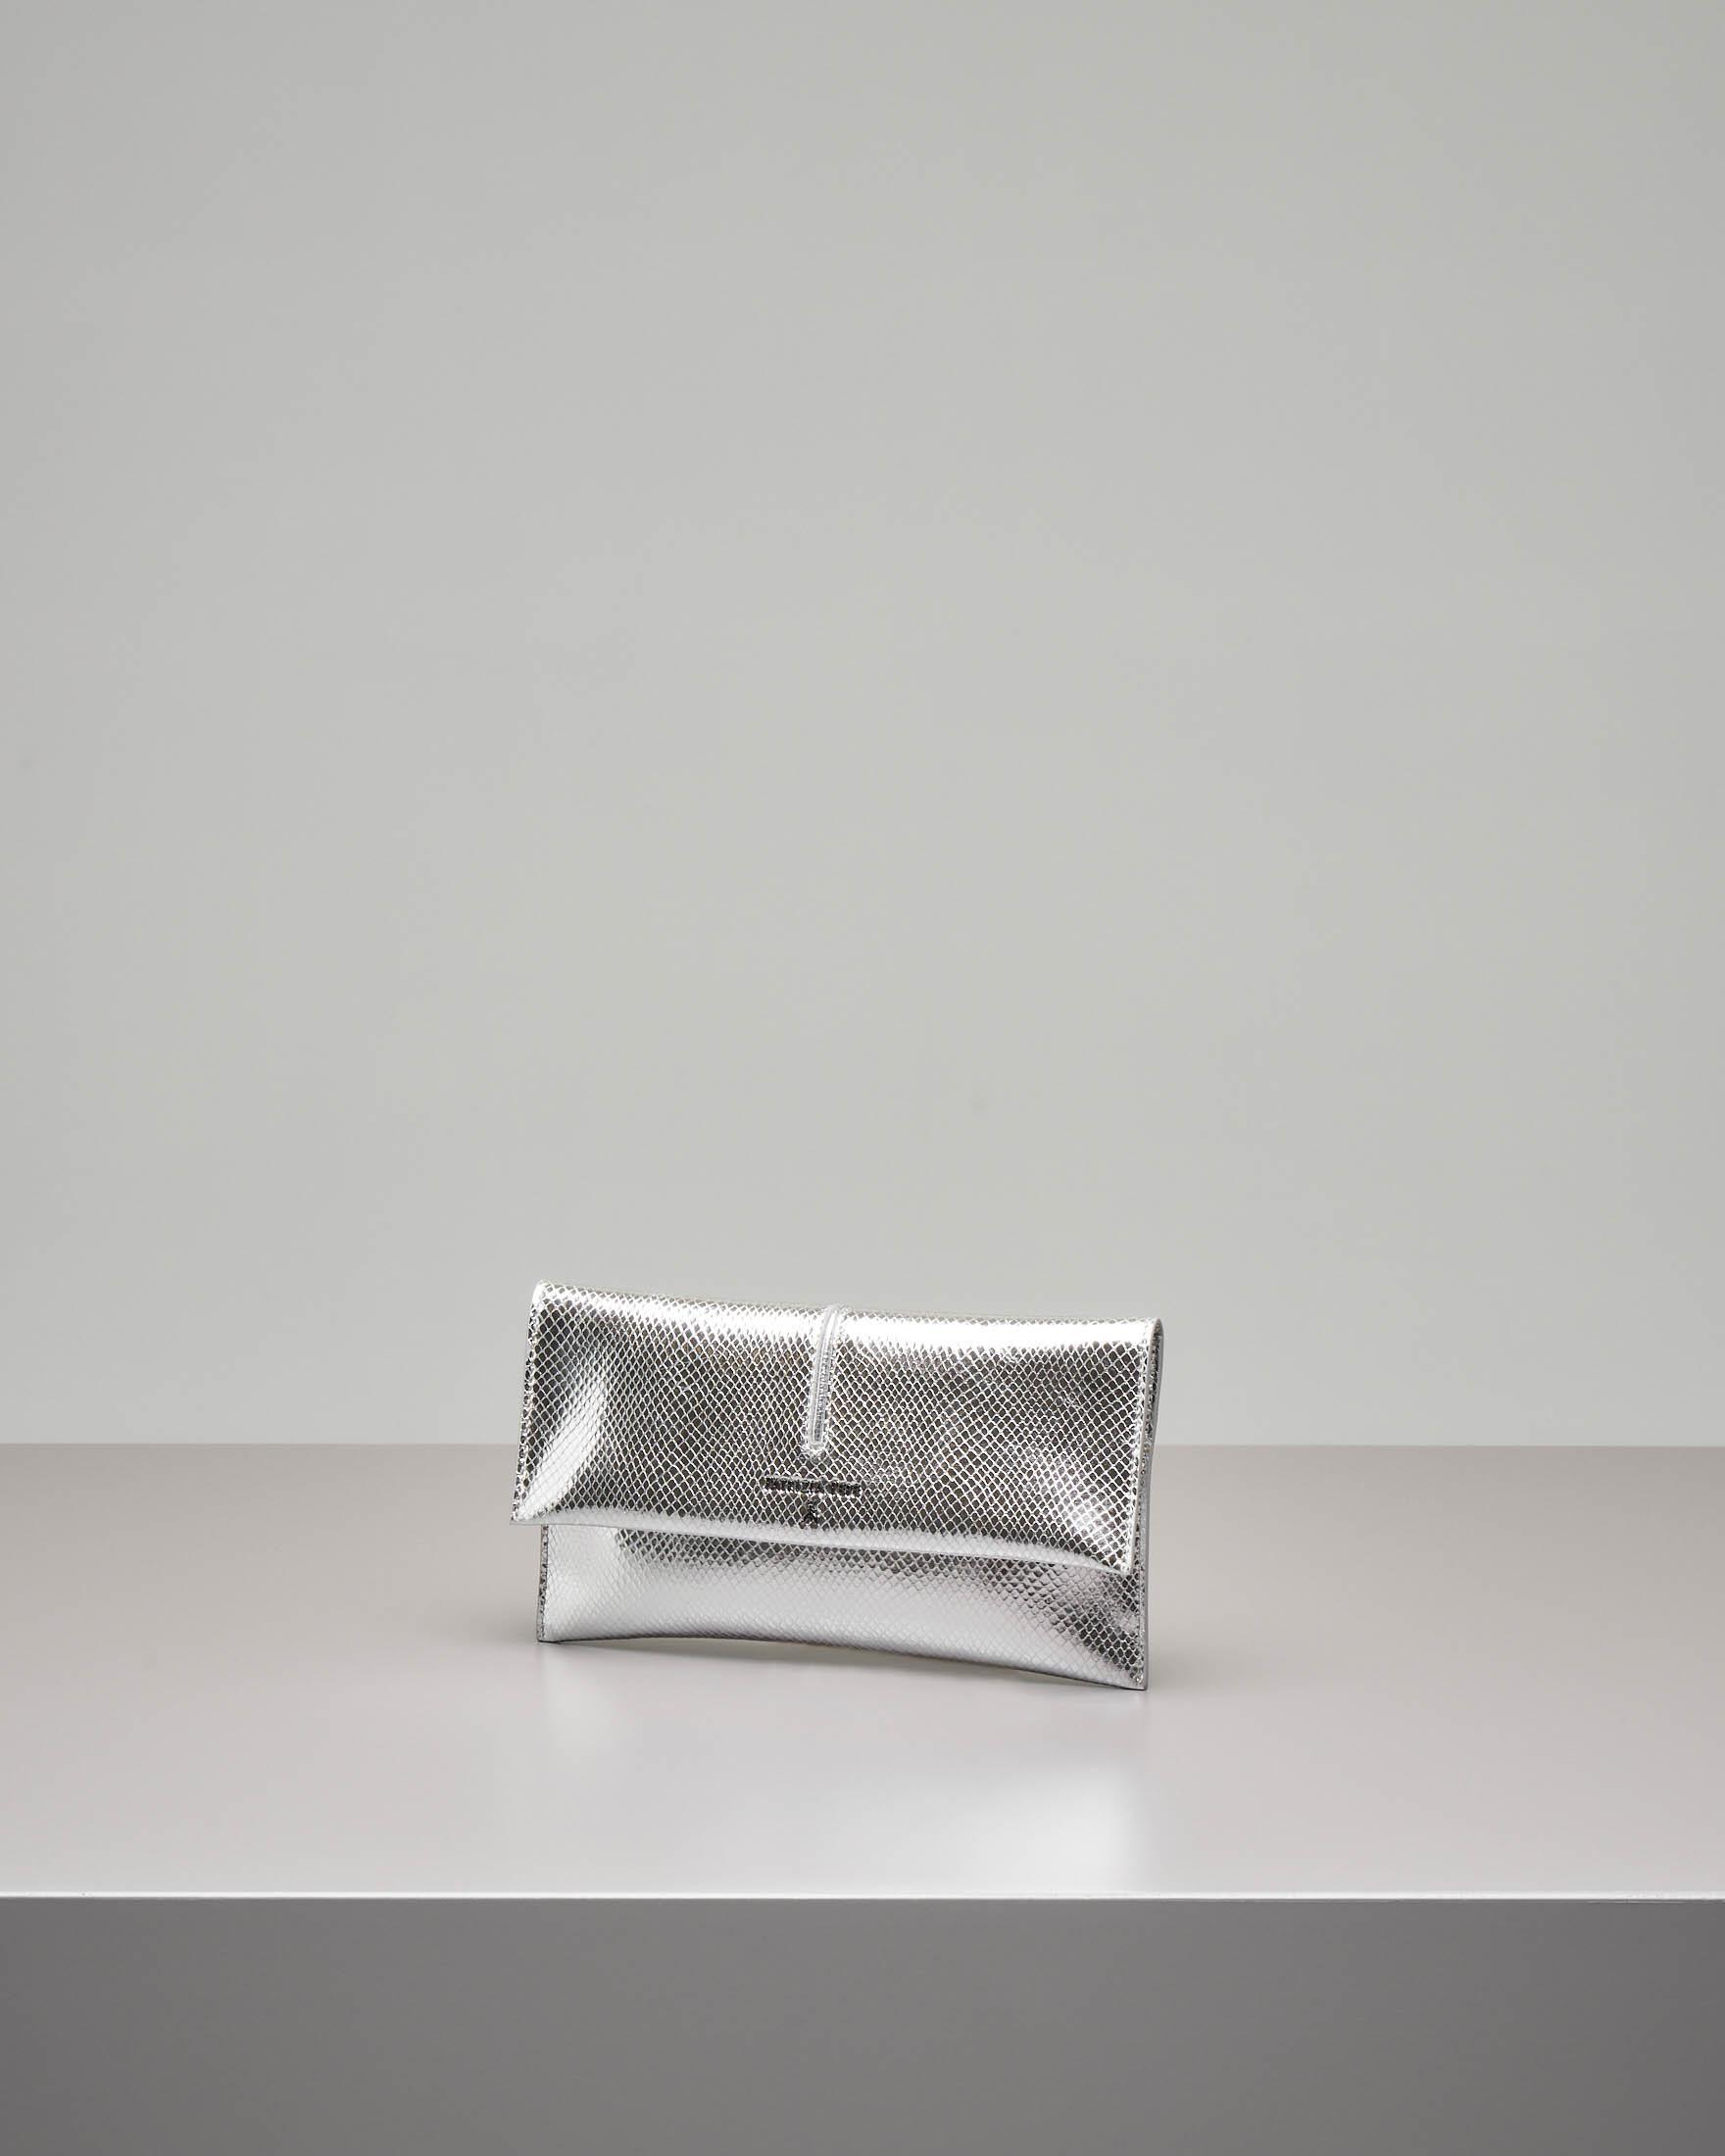 Pochette in pelle argento effetto pitone patella bianca e tracolla removibile